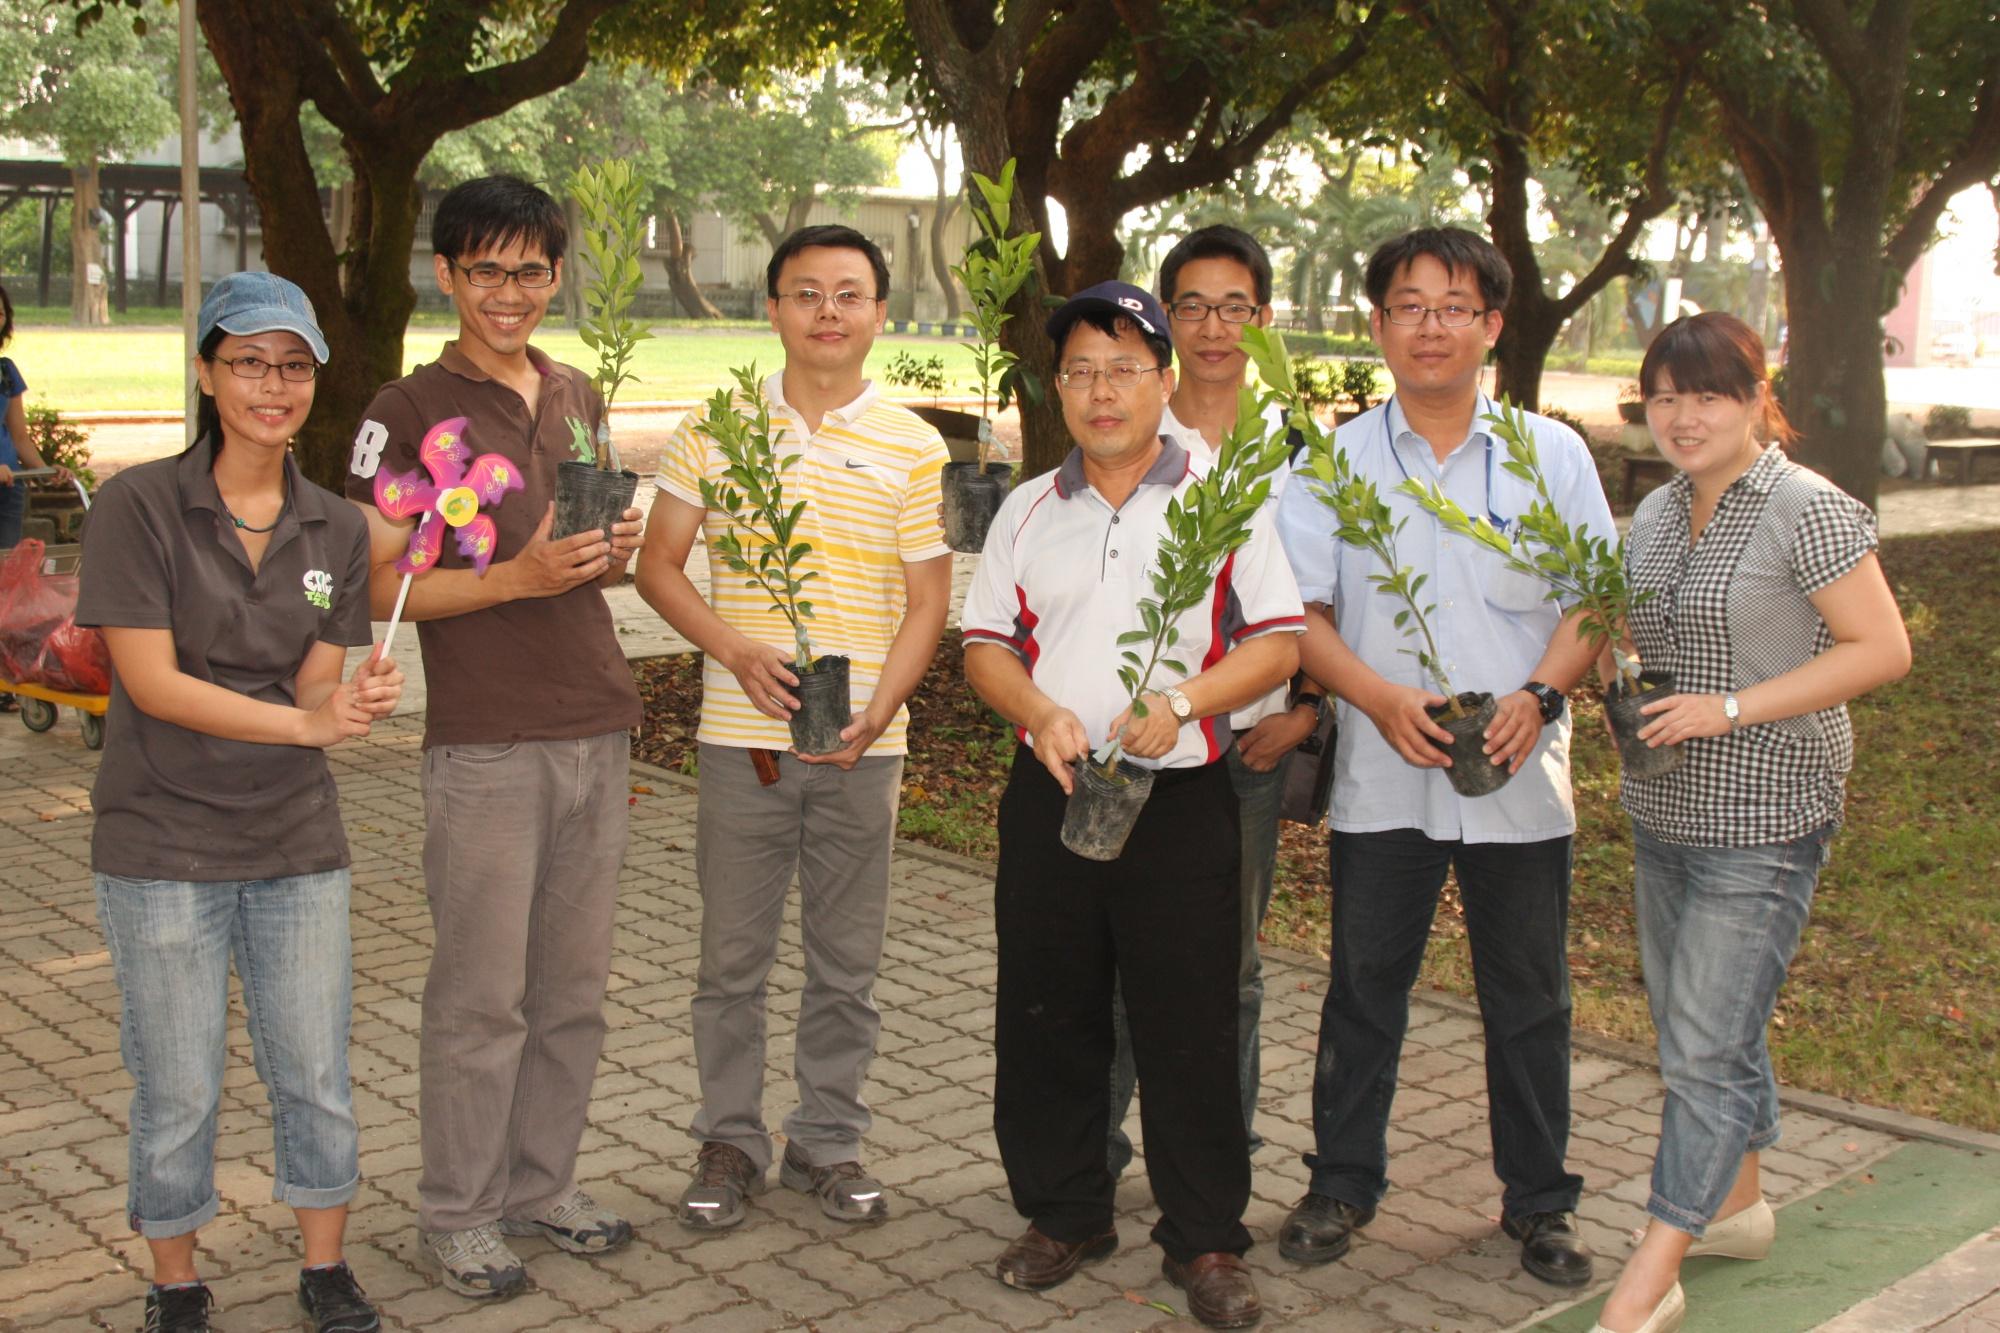 水林鄉公所曾跟我們合作鼓勵農民種植黃金蝙蝠的棲樹